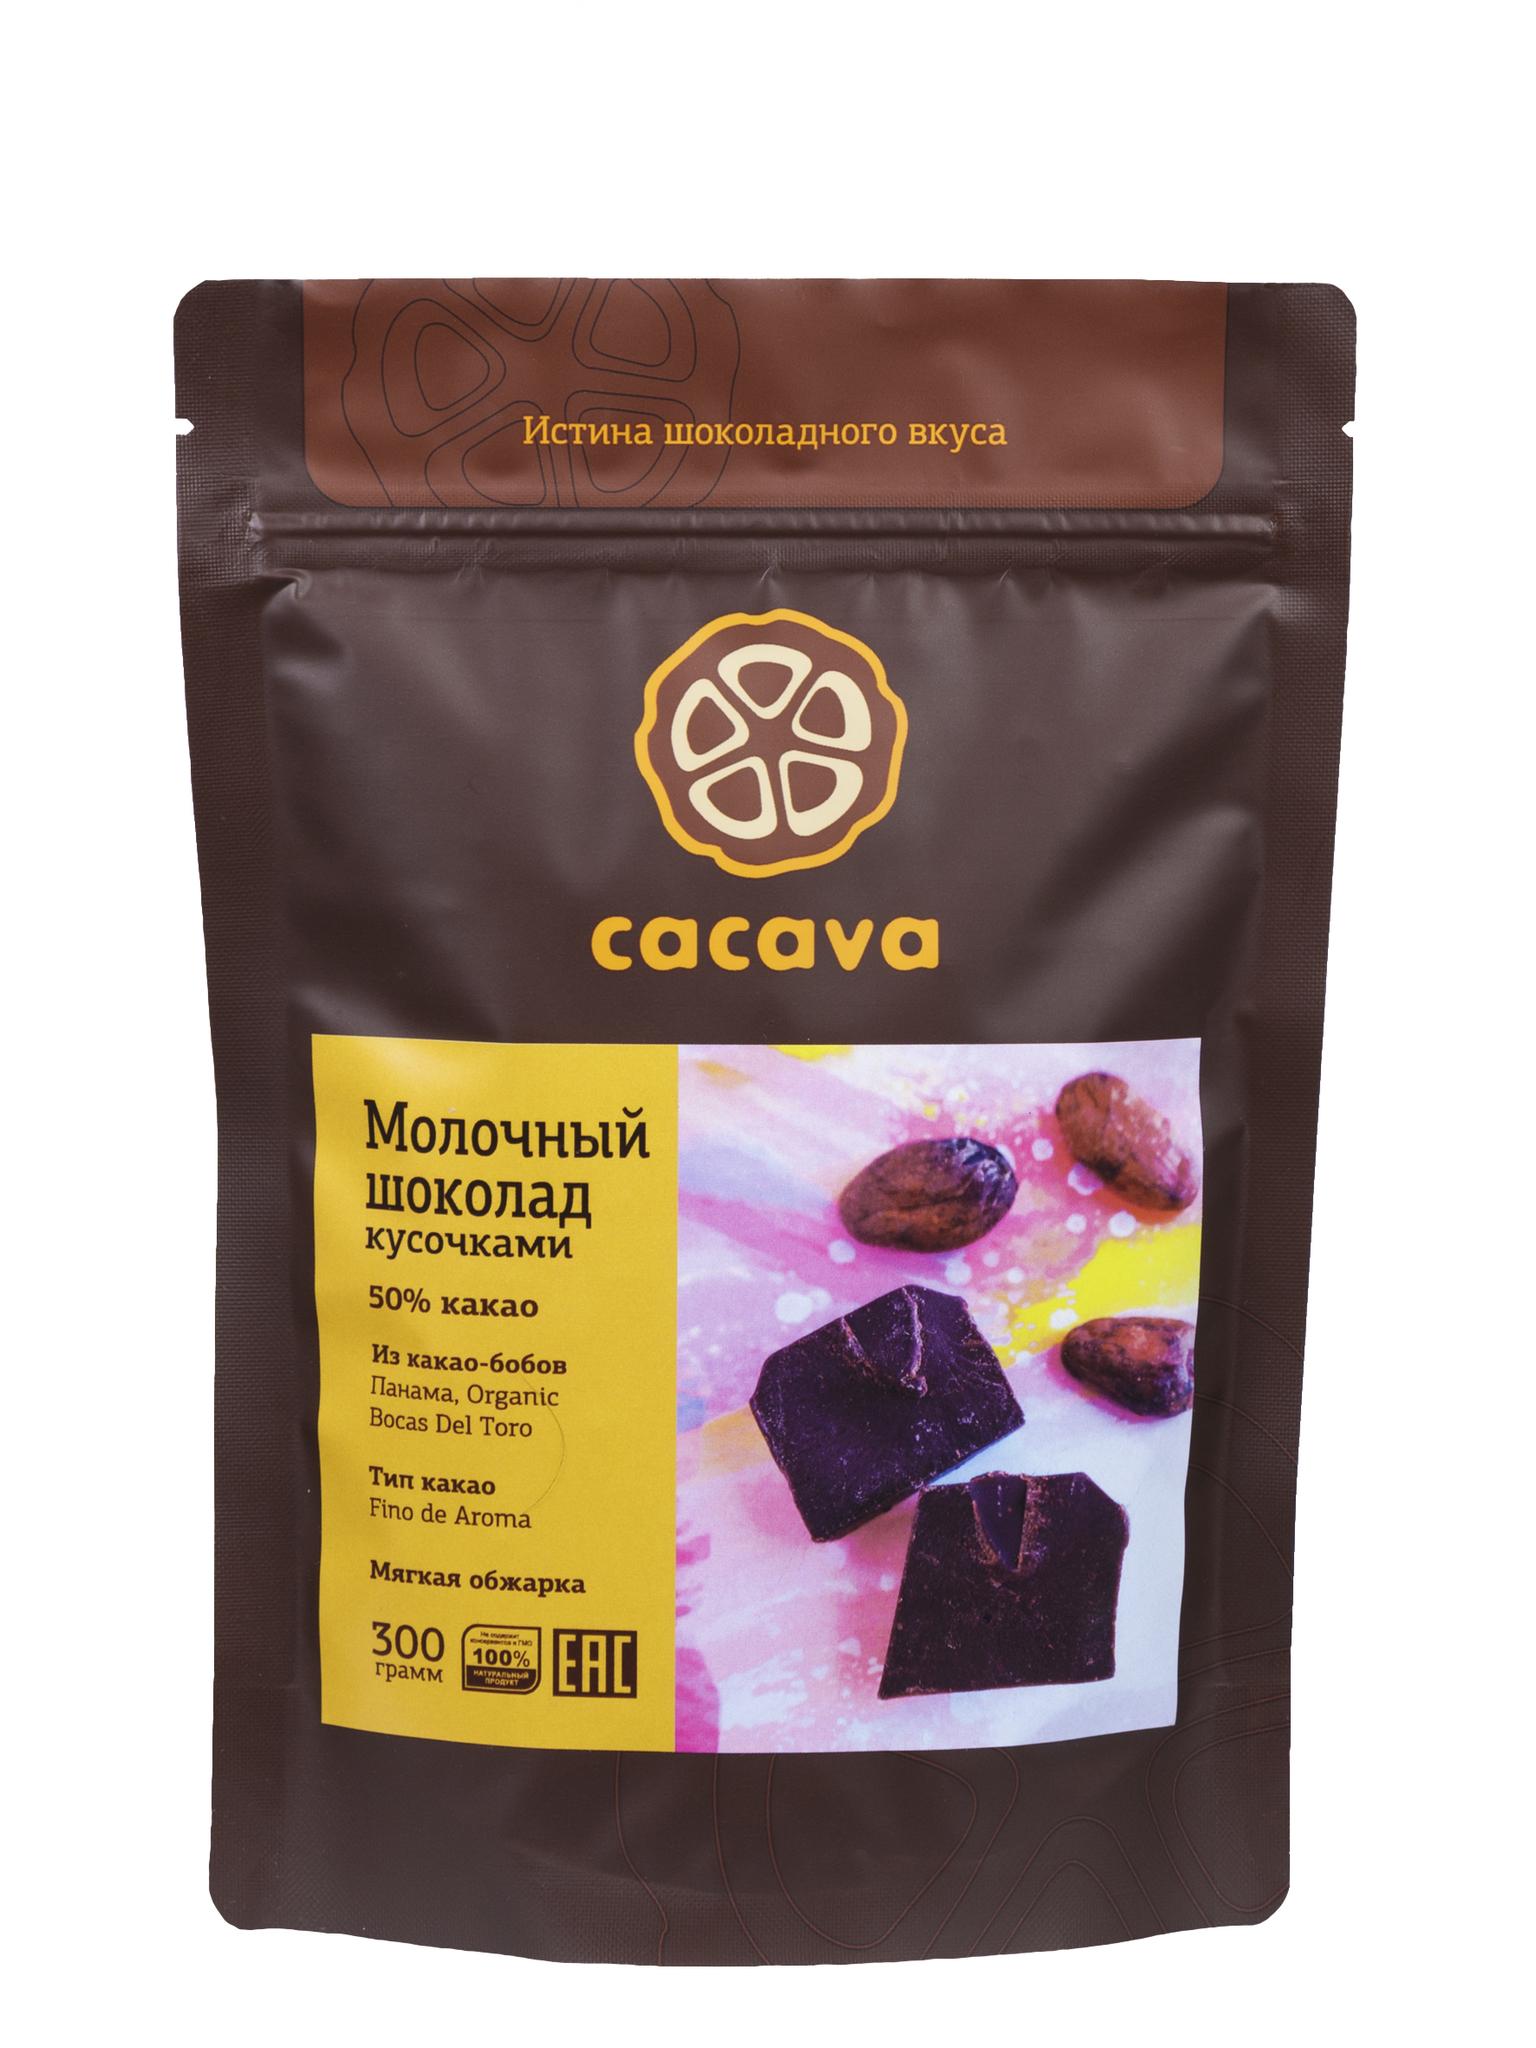 Молочный шоколад 50 % какао (Панама), упаковка 300 грамм